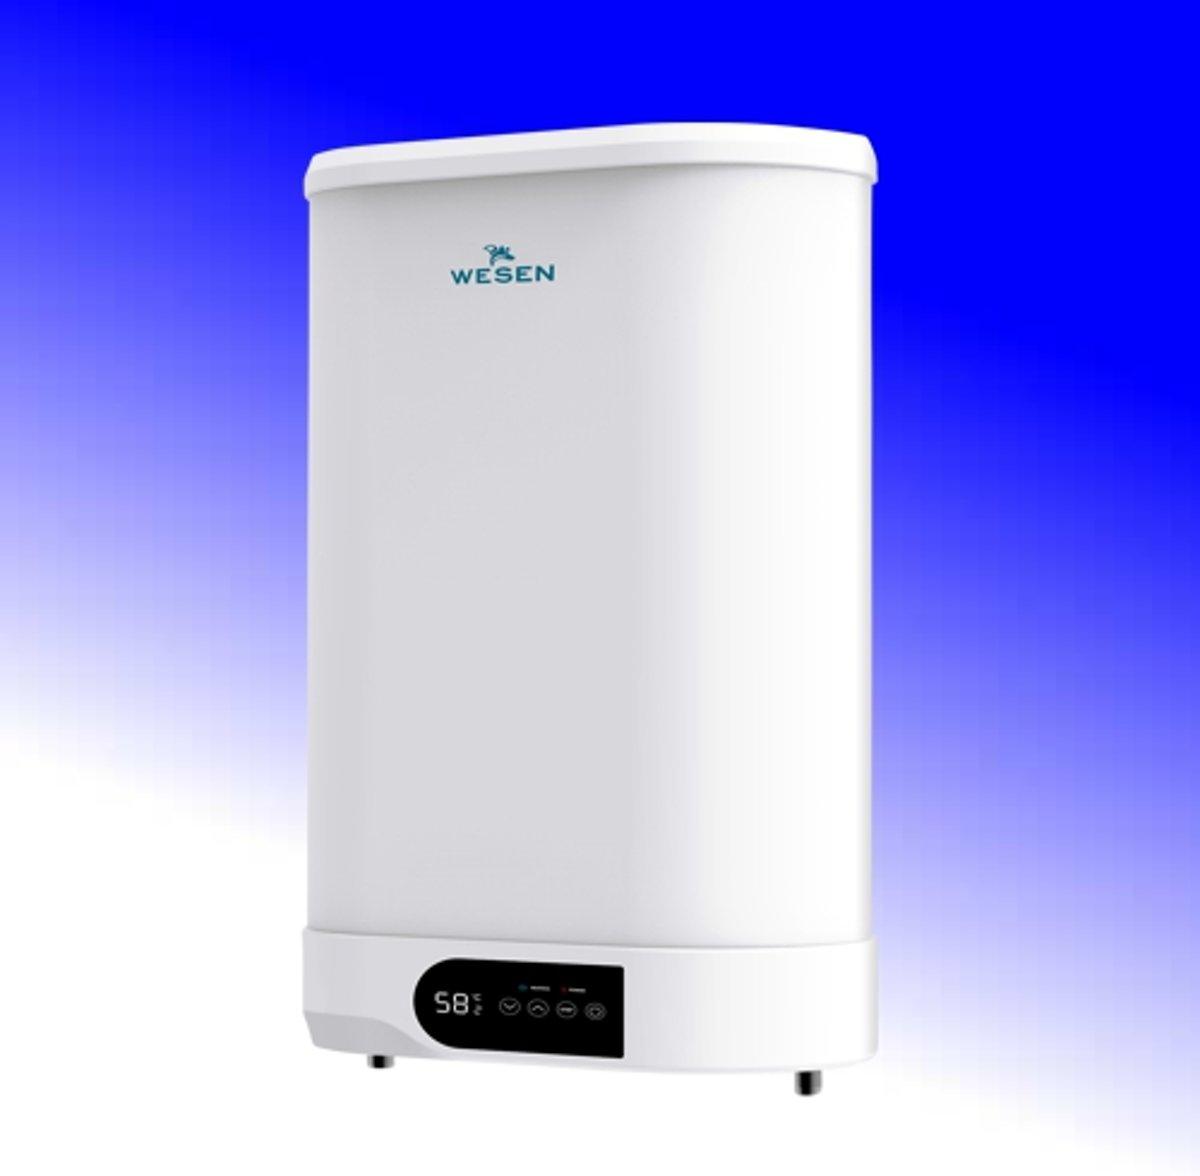 Wesen ECO Elektrische Boiler - 30 liter - 2000 Watt